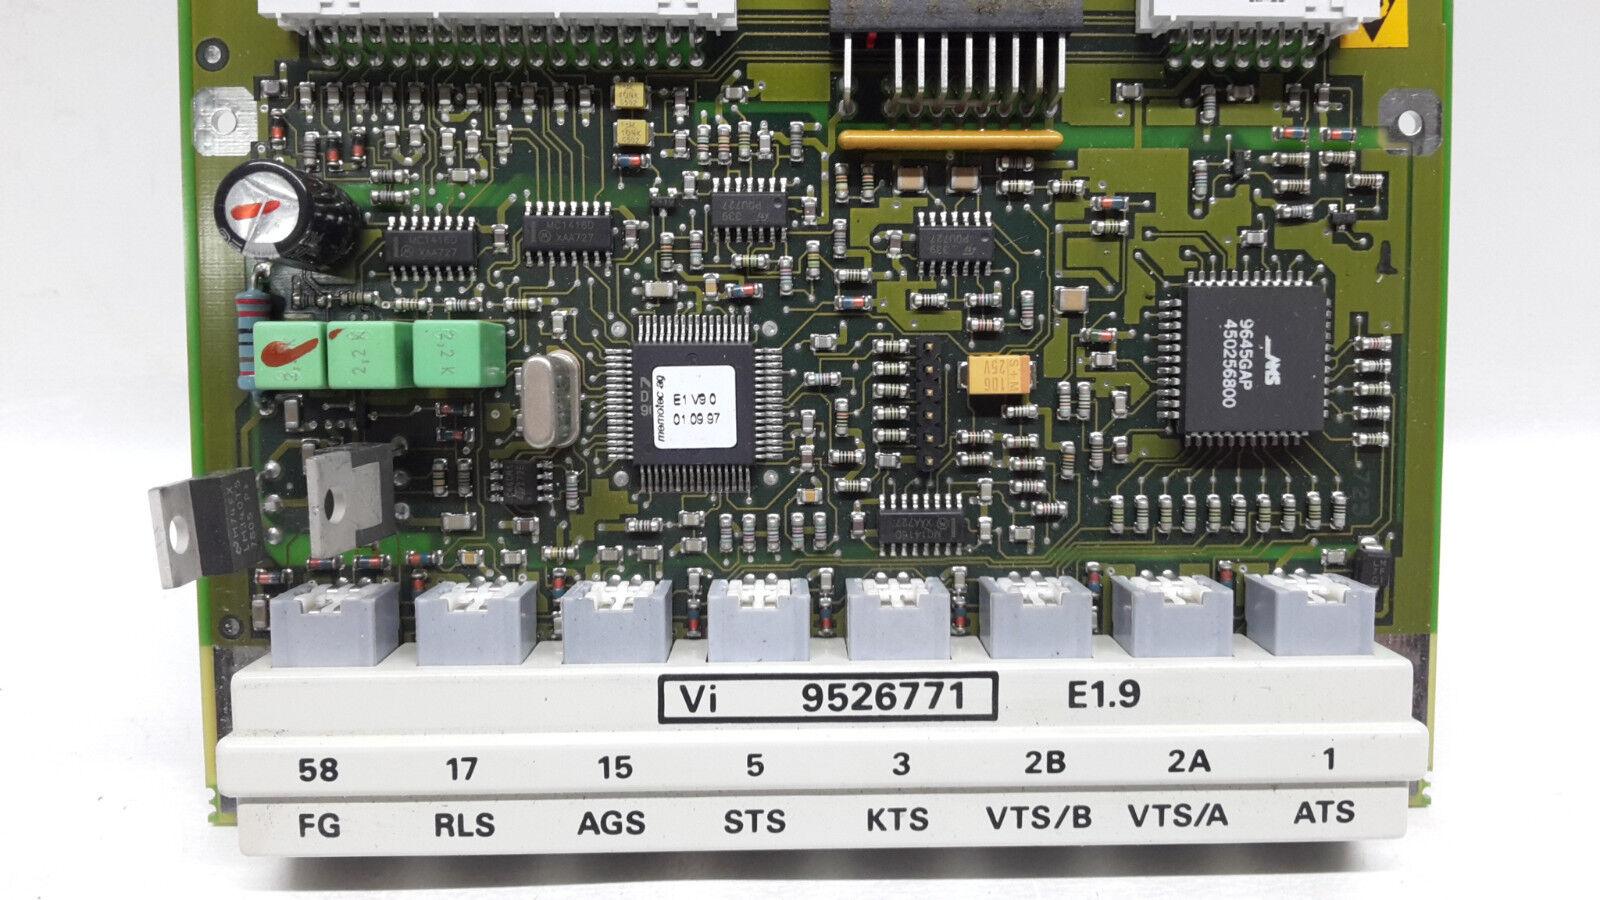 Viessmann Viessmann Viessmann Fühlerplatine Dekamatik VI 9526771  E 1.9 Steuerplatine  a762 b1dd6b